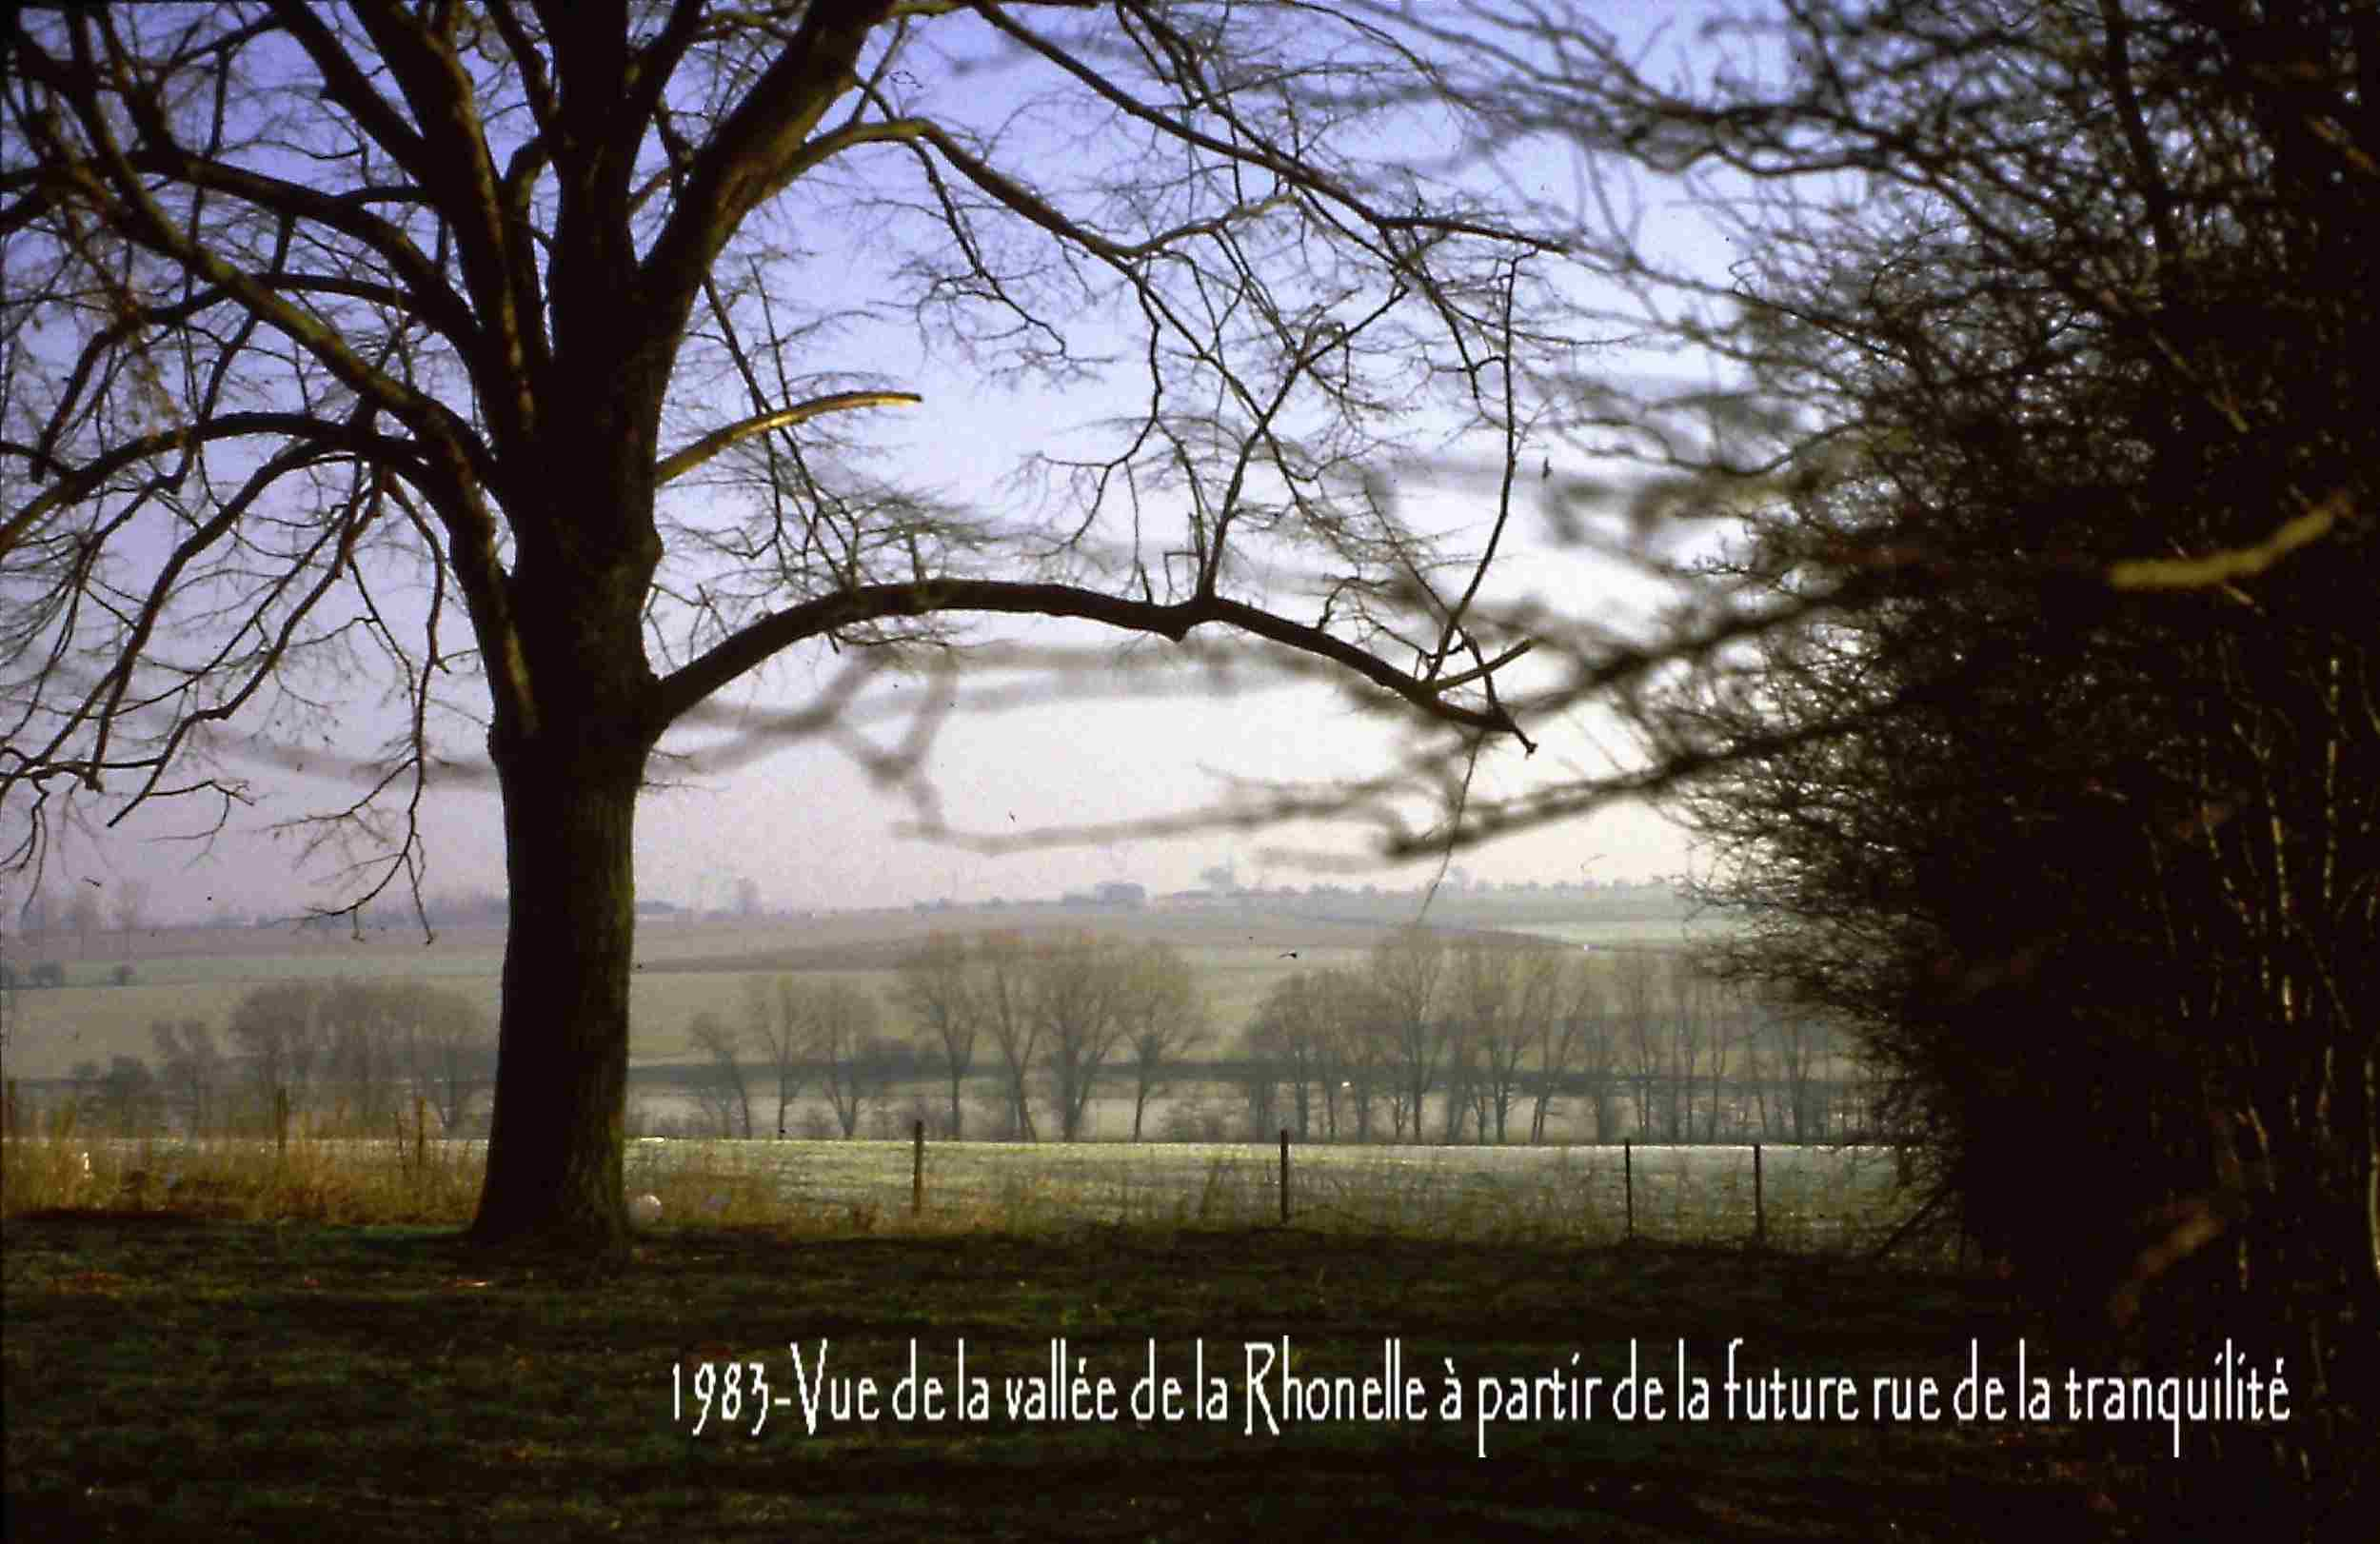 Famars-1983-vue-à-partir-de-la-future-rue-de-la-tranquilité1